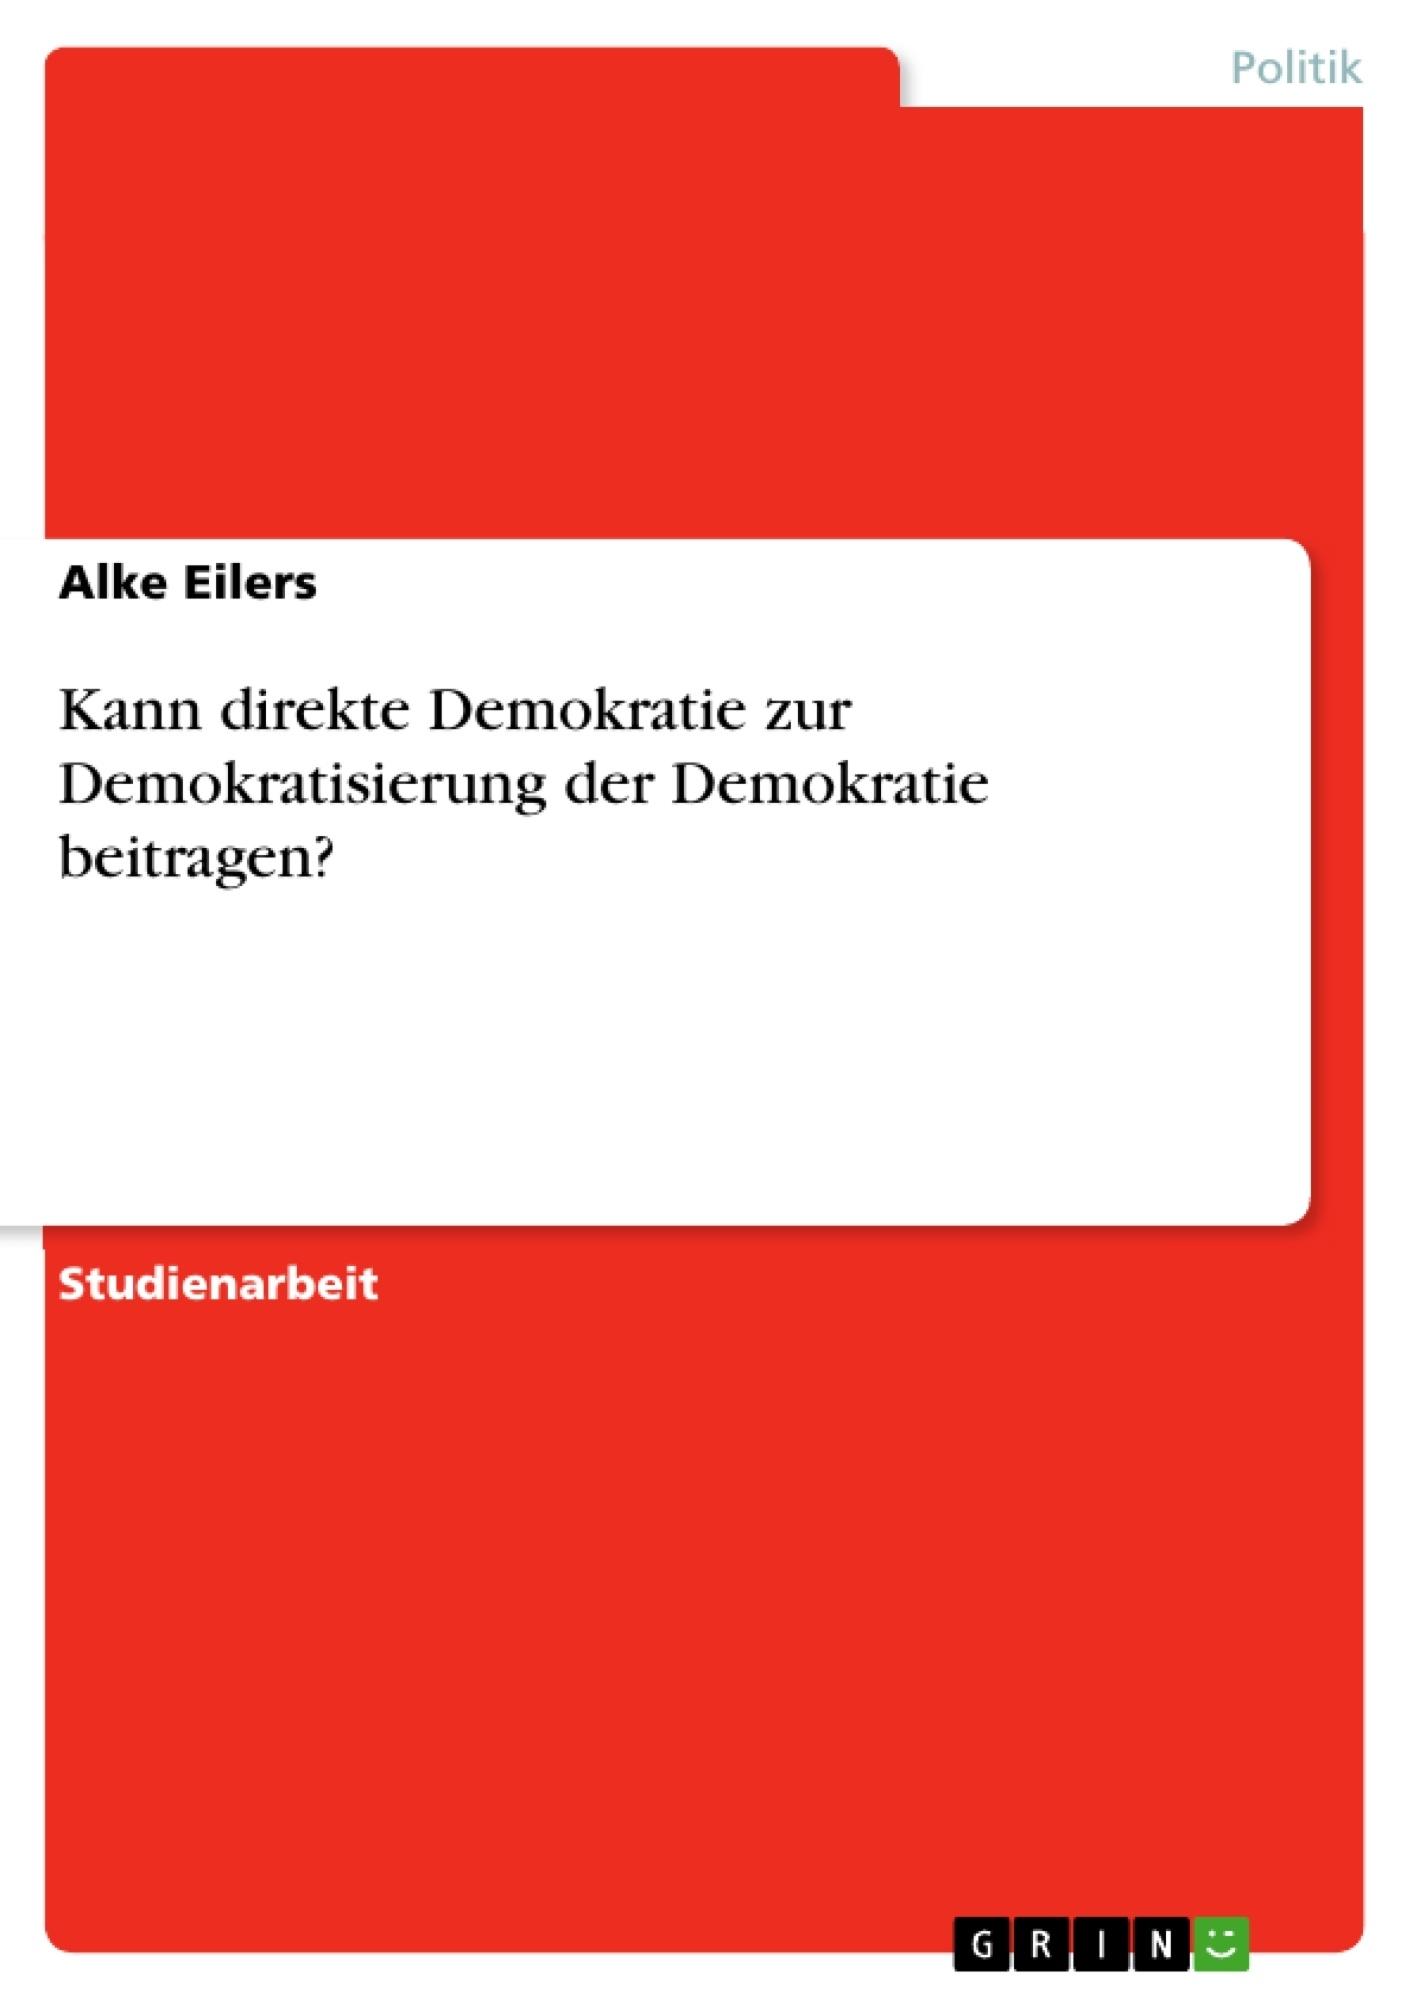 Titel: Kann direkte Demokratie zur Demokratisierung der Demokratie beitragen?